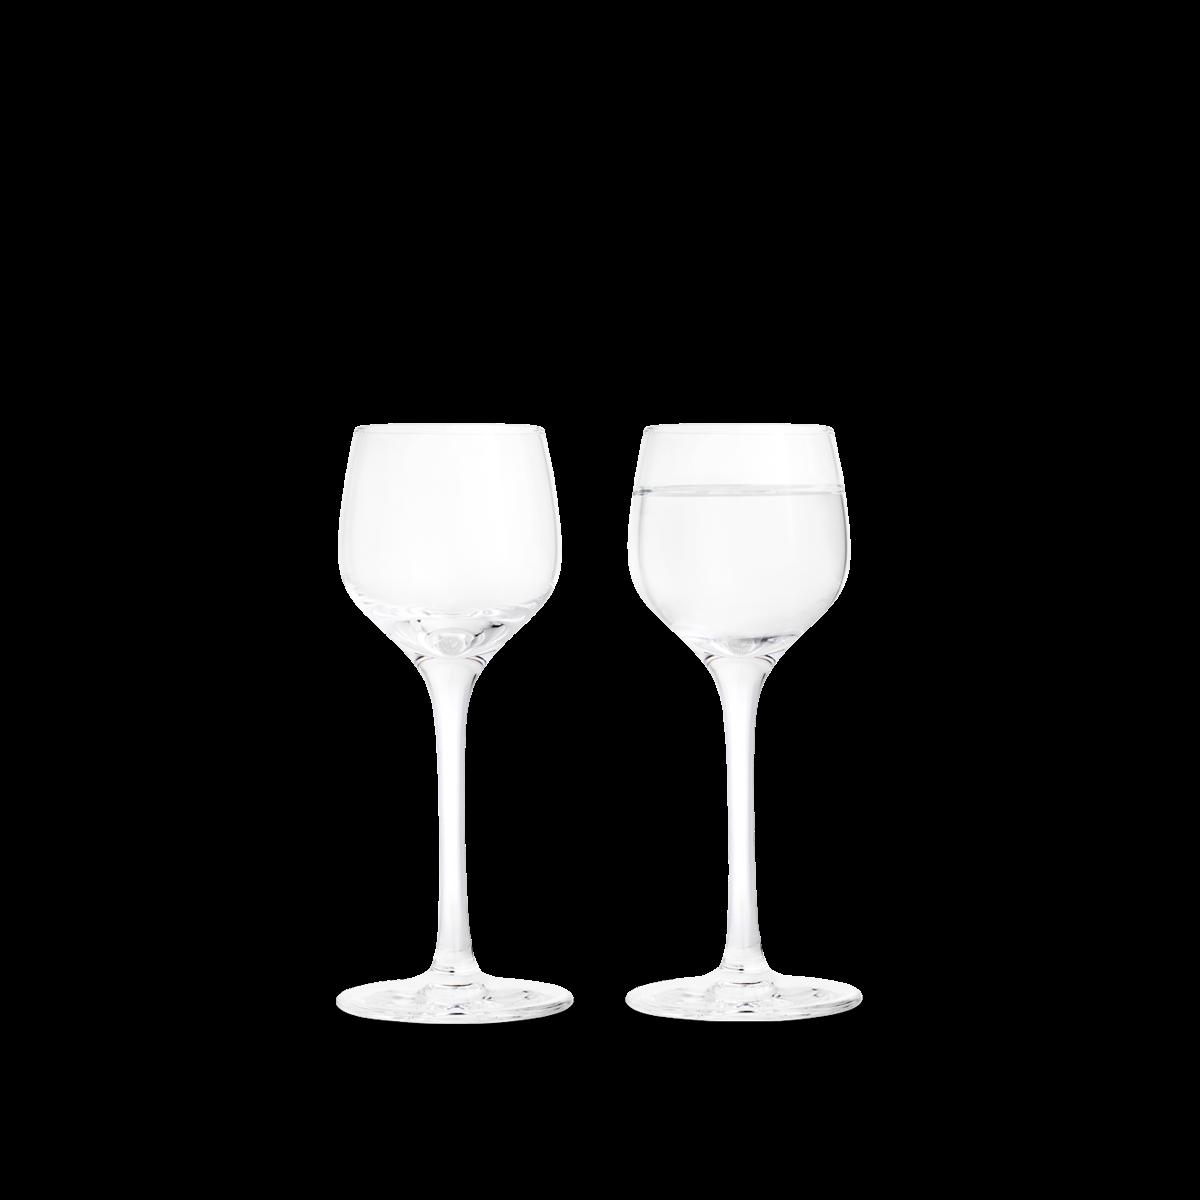 Rosendahl - Premium Shot Glass - 2 pack (29606)